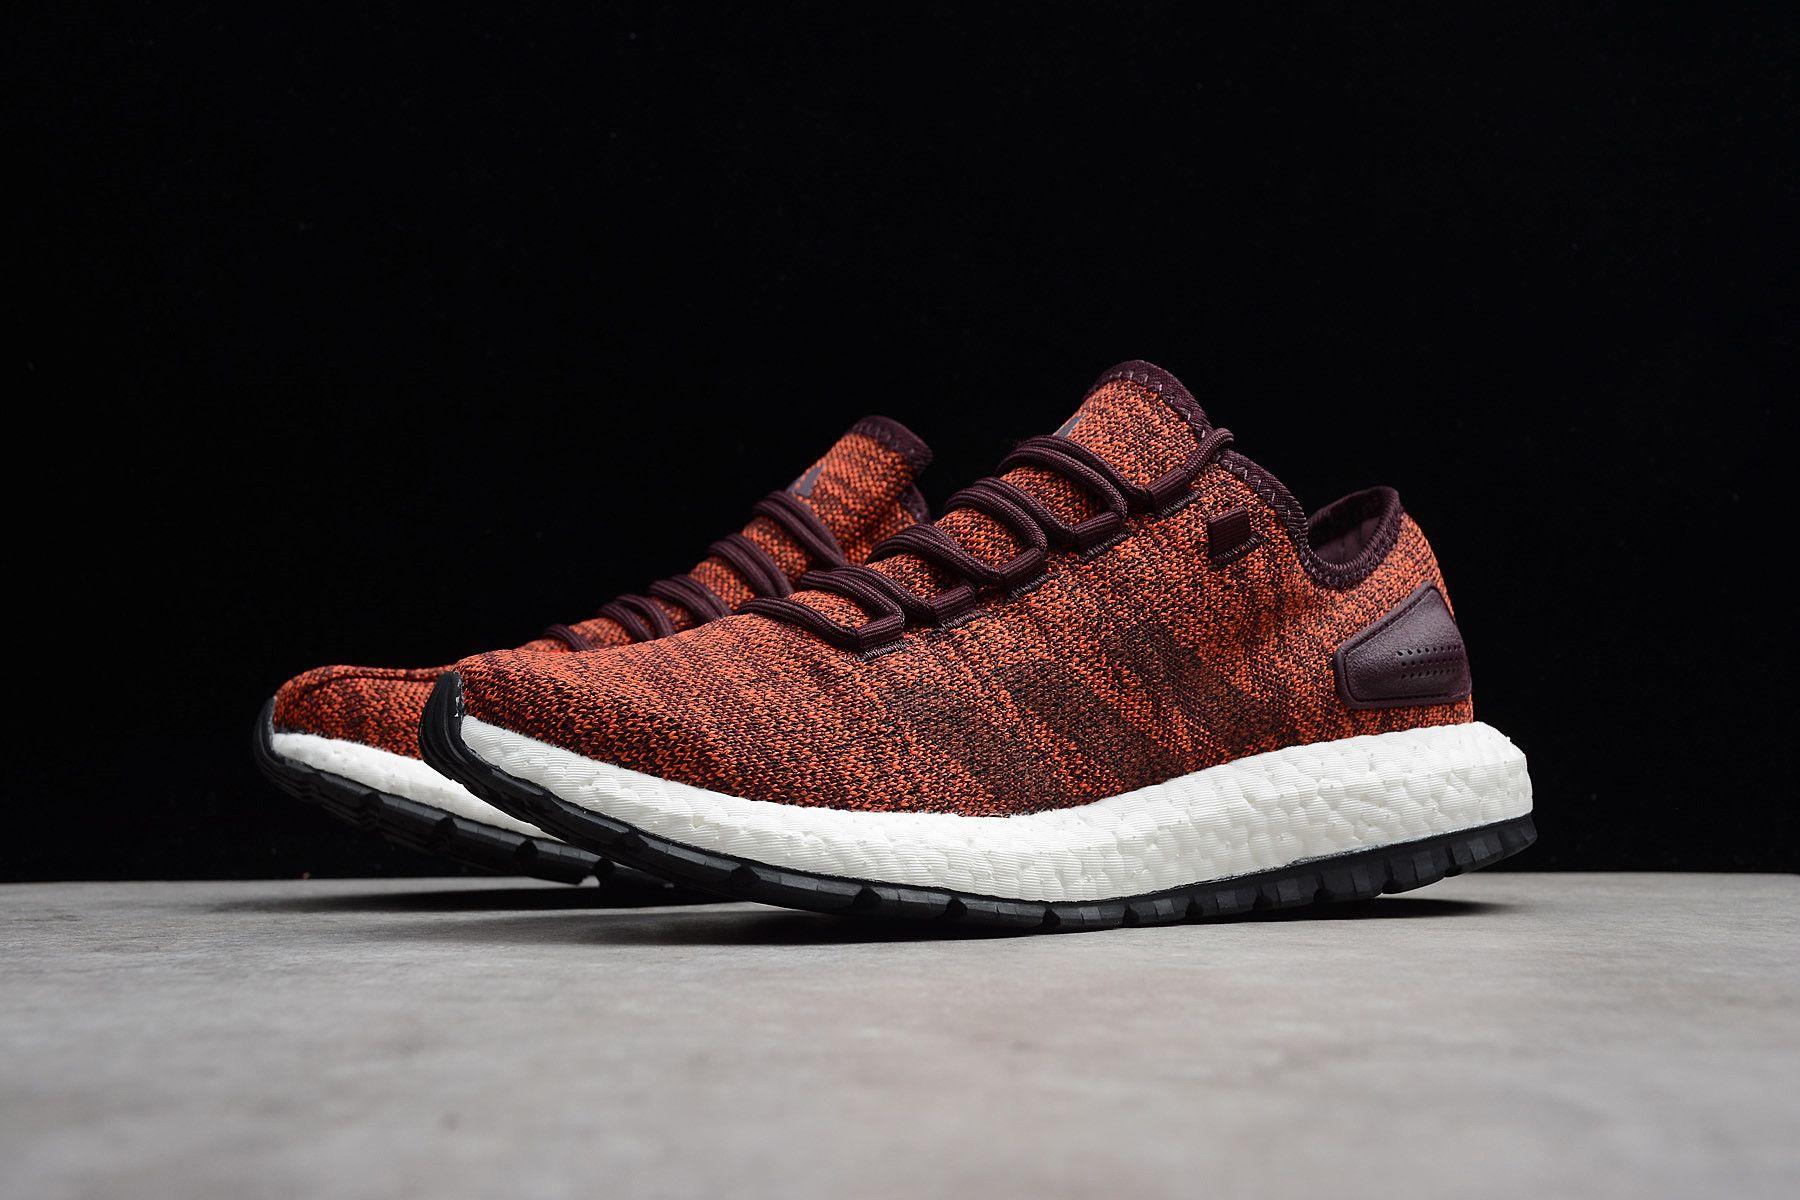 Neu Adidas UltraBOOST All Terrain Men's Running Shoes SKU